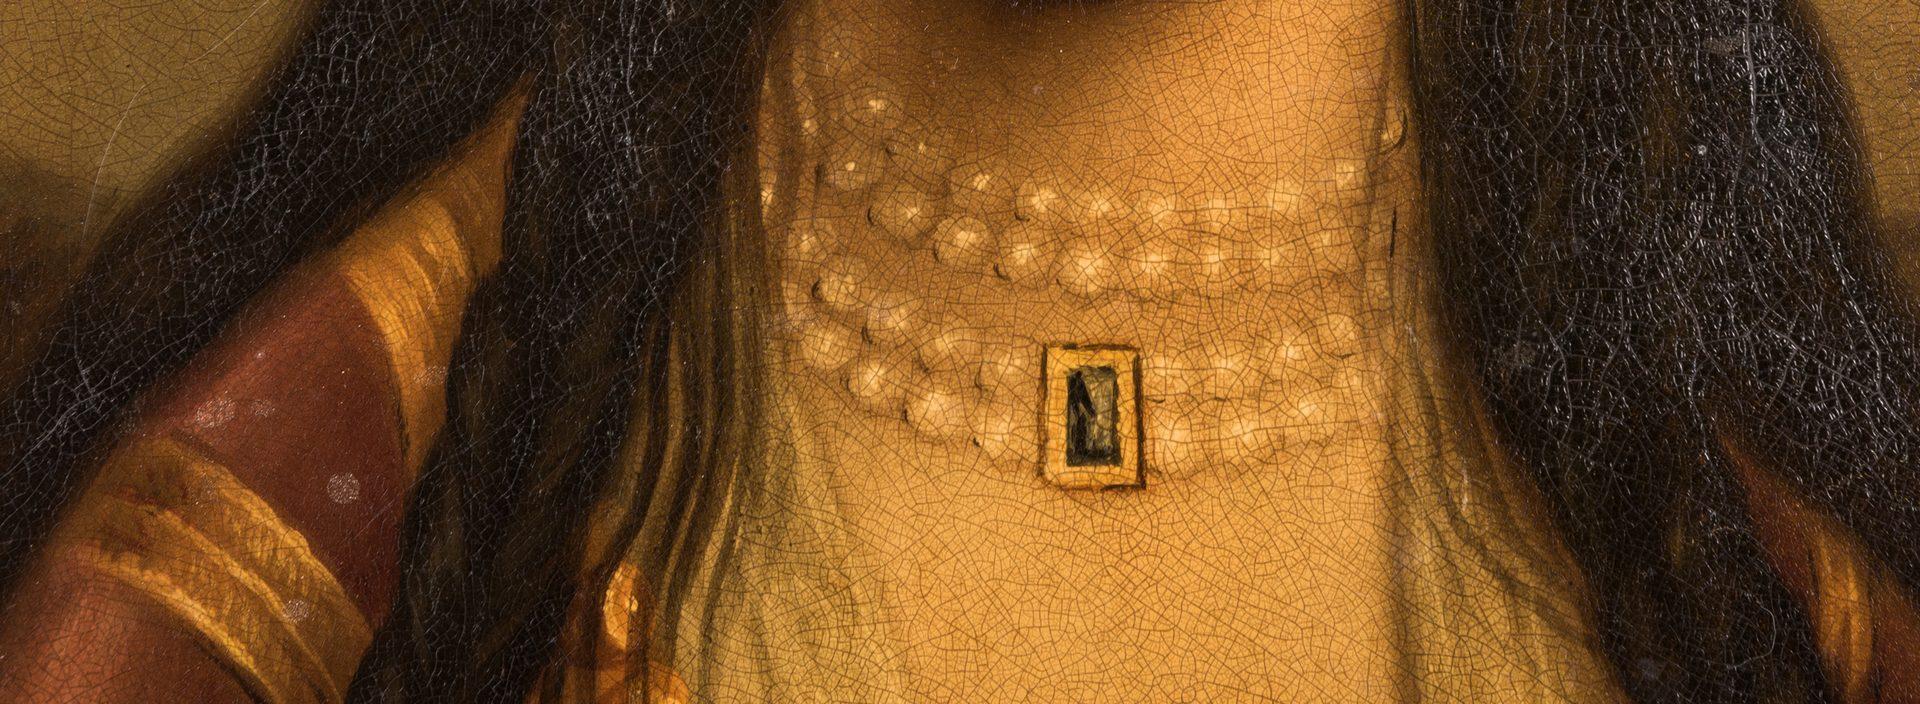 Lot 616: German Orientalist Portrait of a Woman